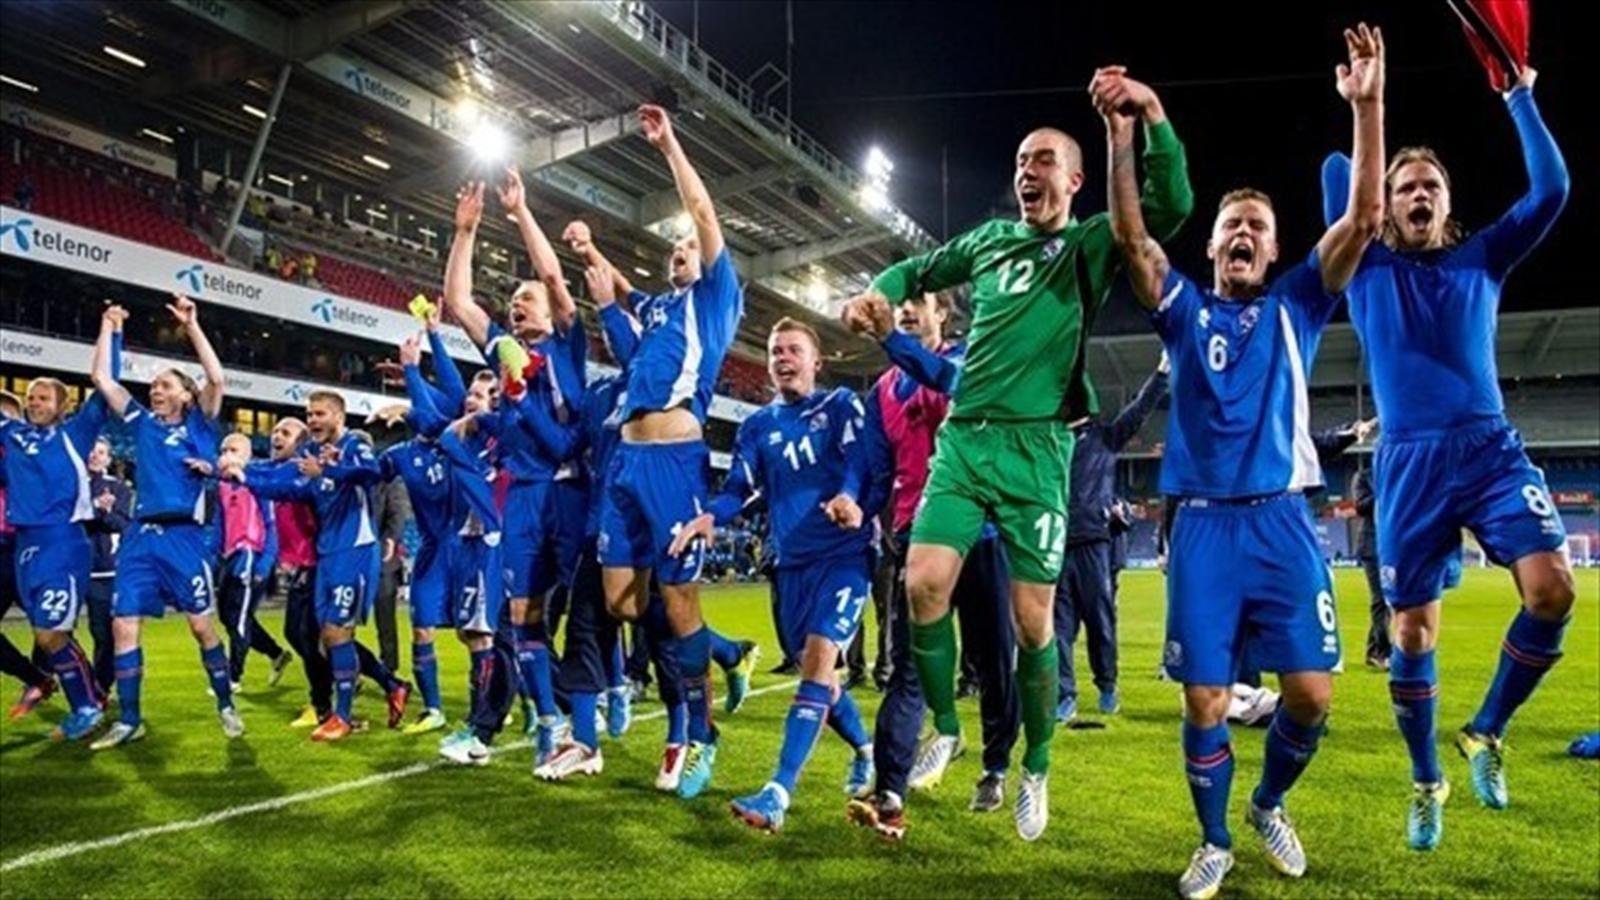 Сборная Исландии празднует 2 место в отборочных к ЧМ 2014